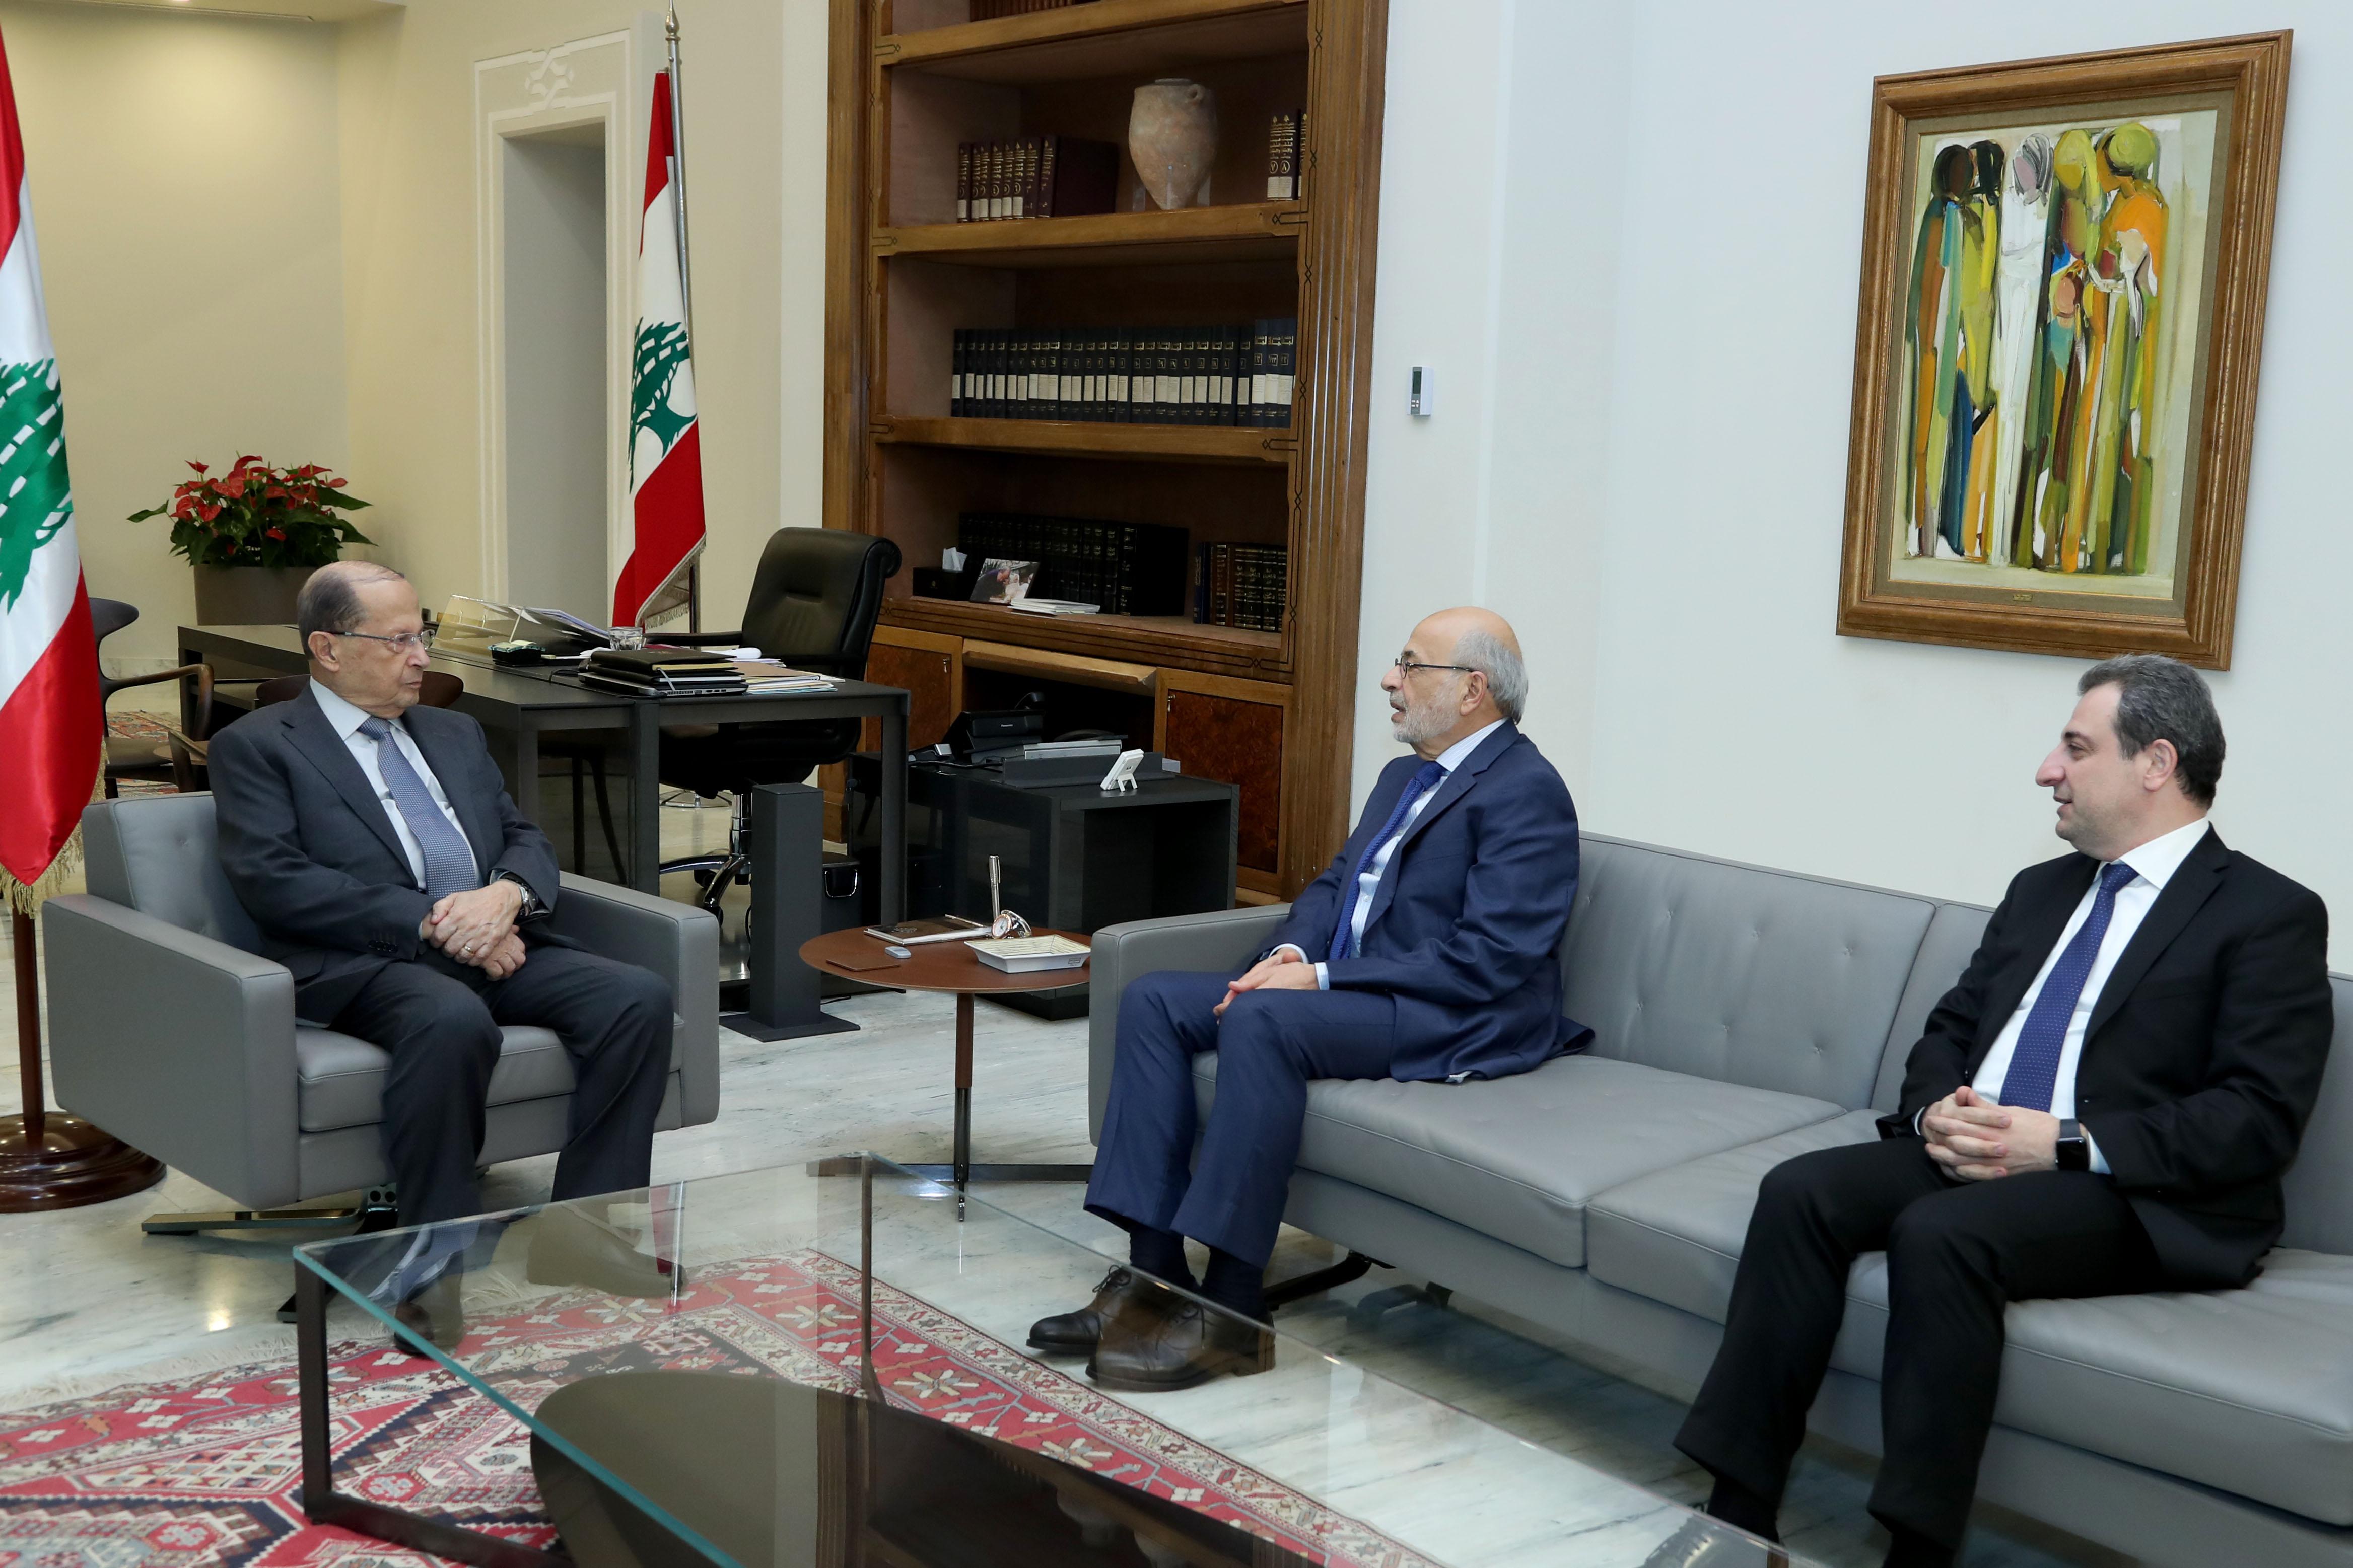 Min Akram Chehayeb And Wael Abou Faour